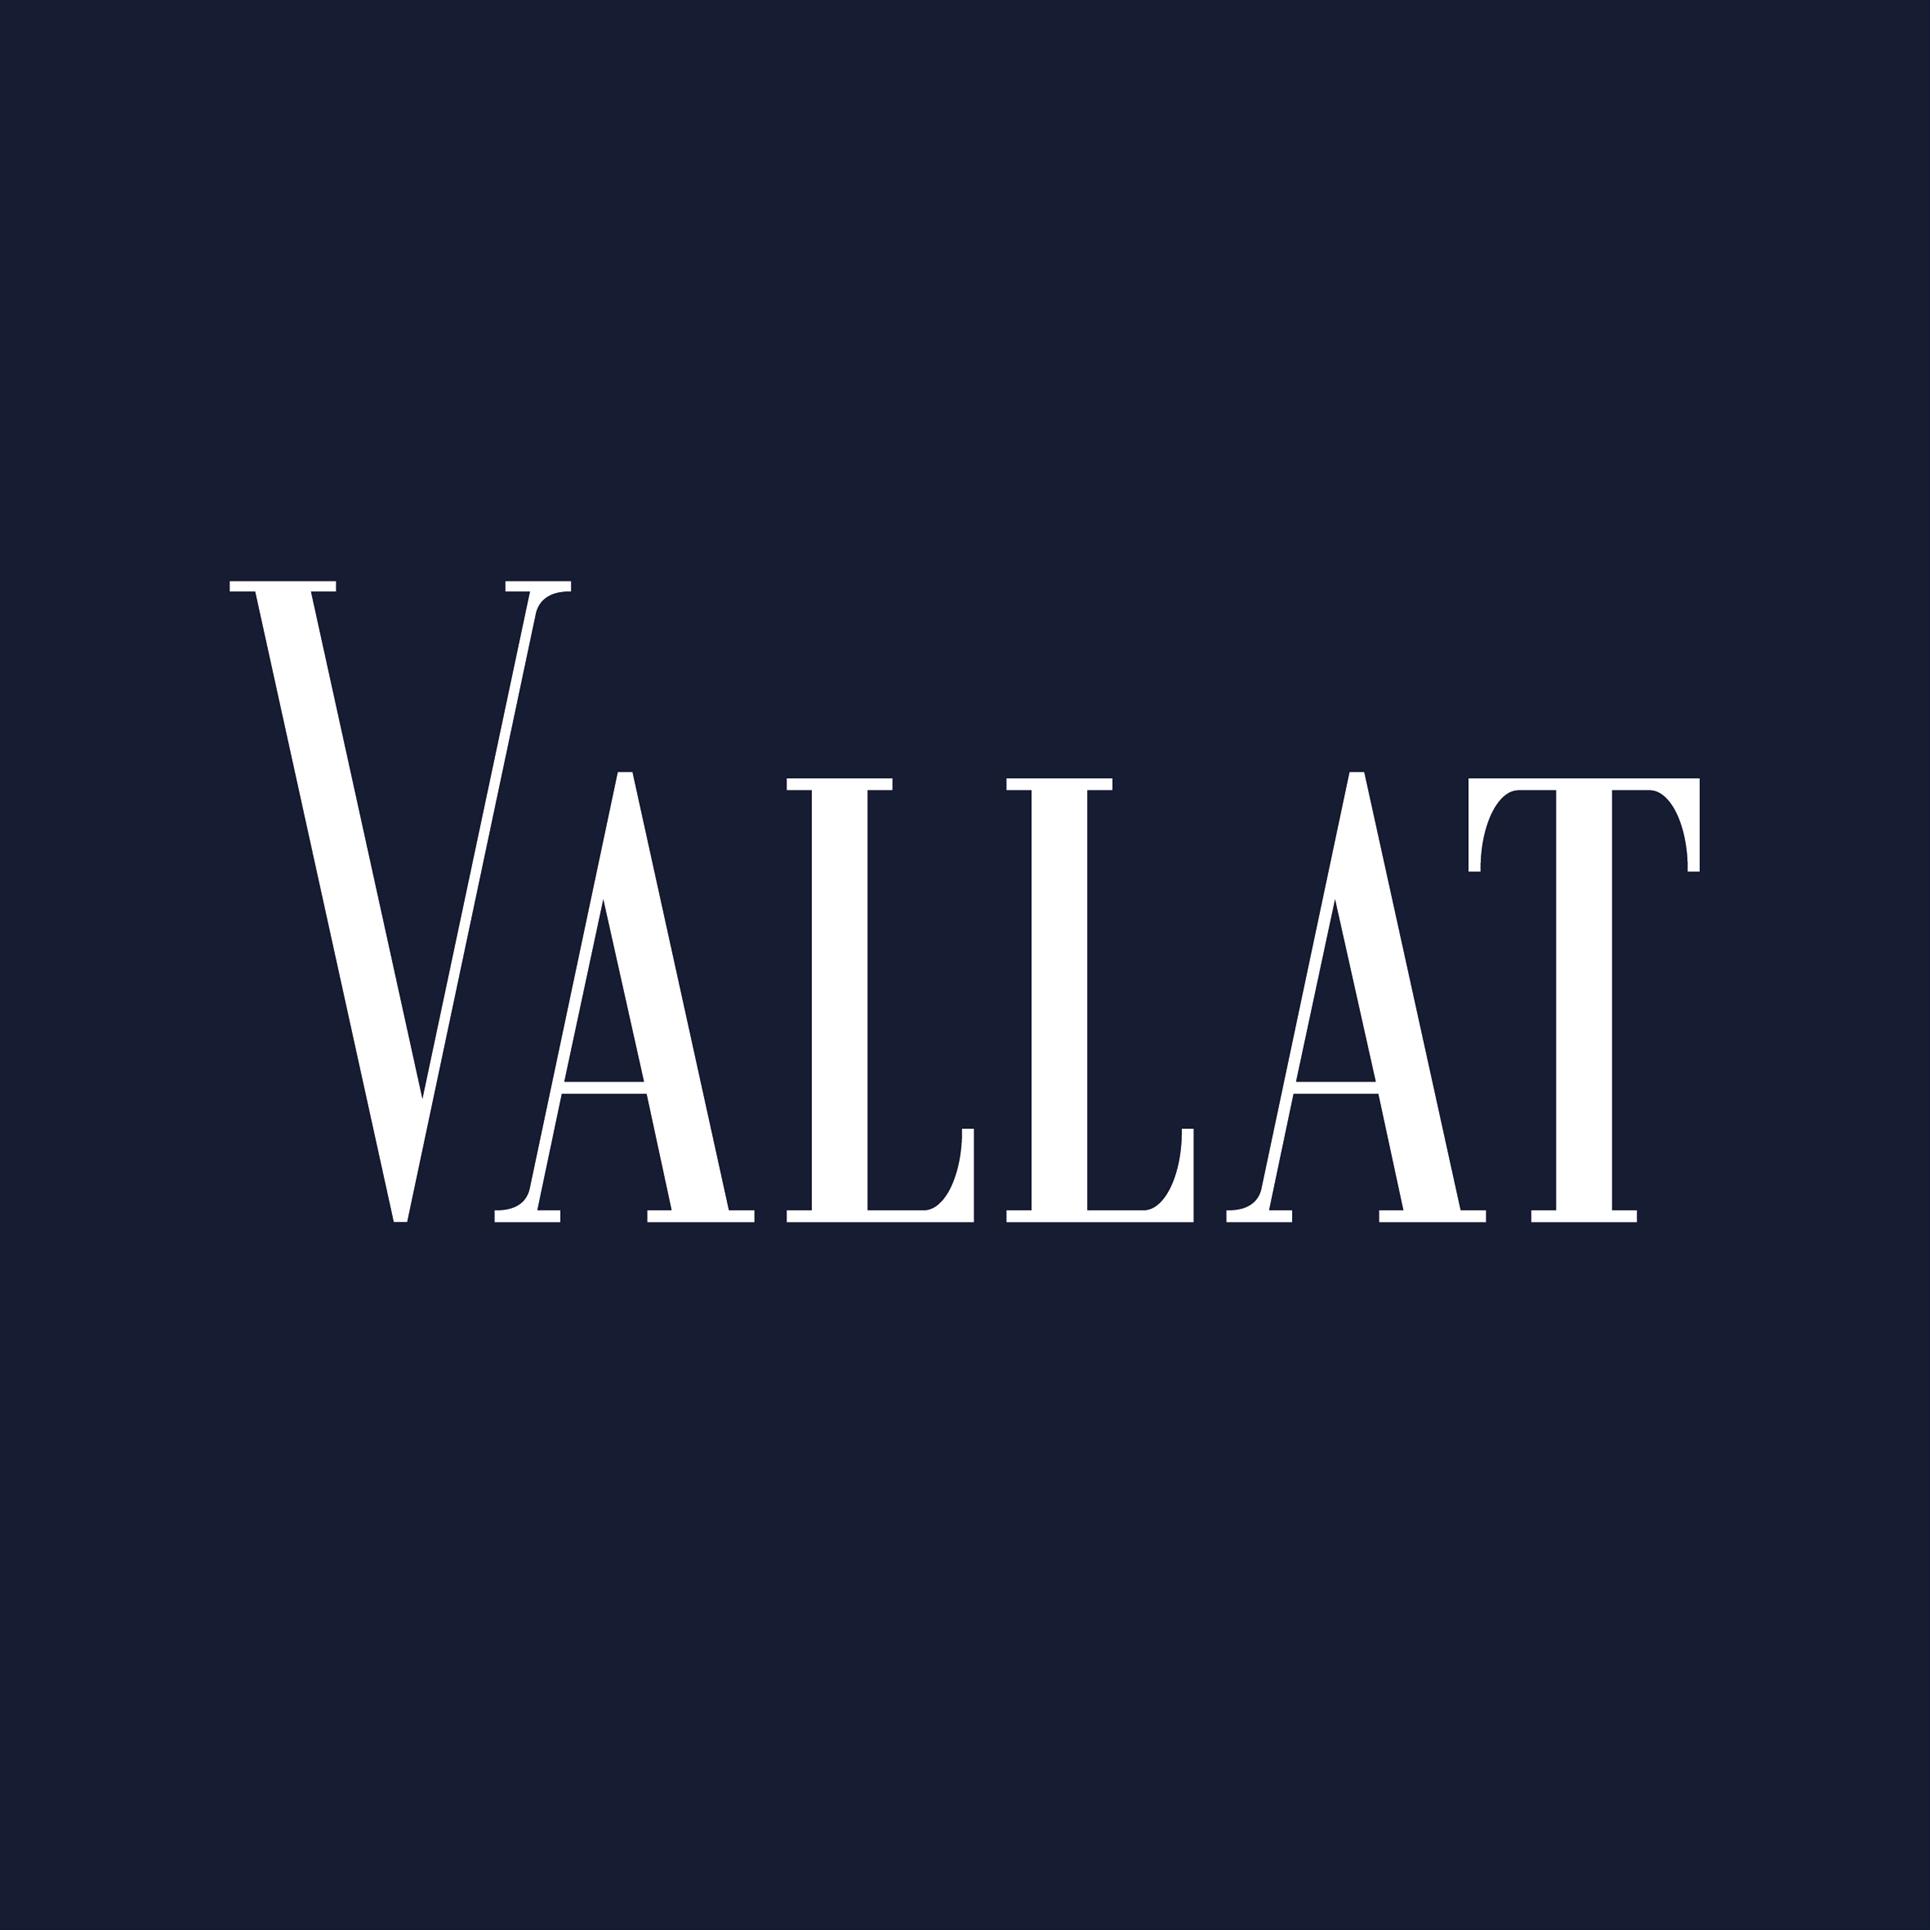 VALLAT - Neuf